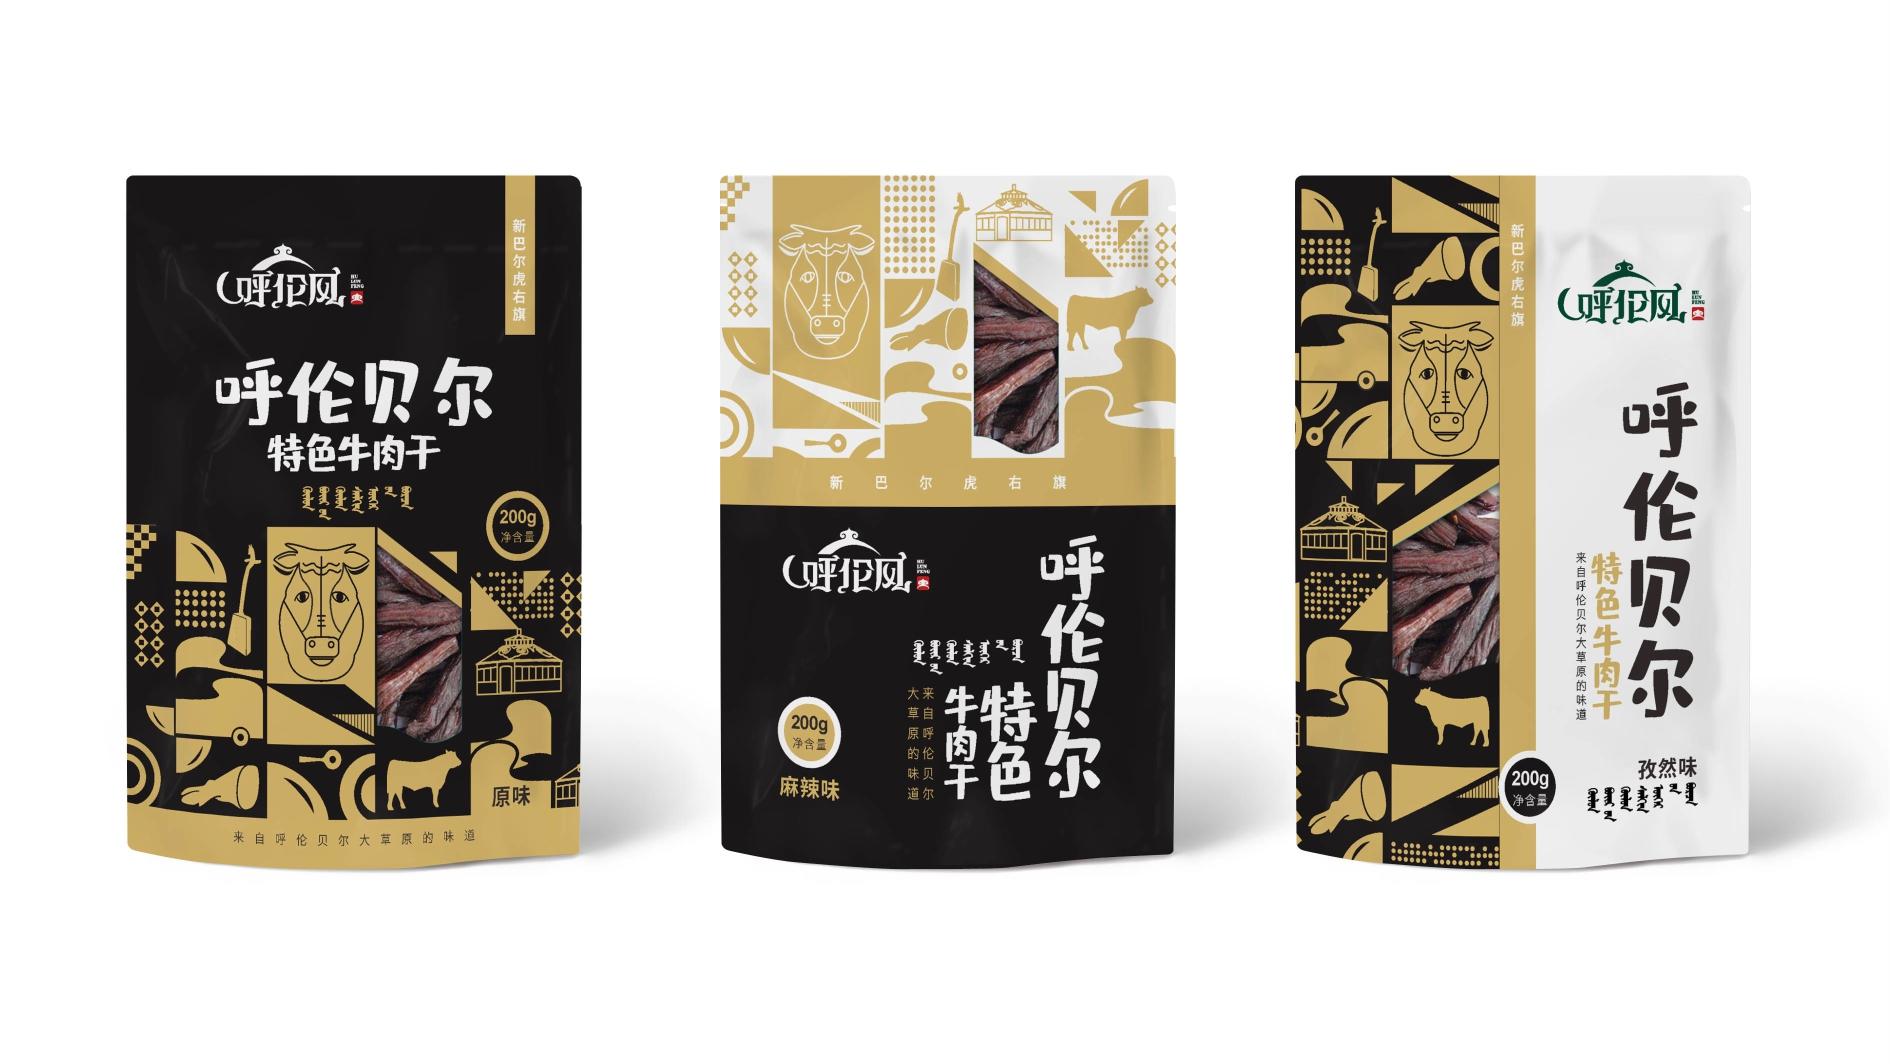 呼倫風牛肉干品牌包裝設計